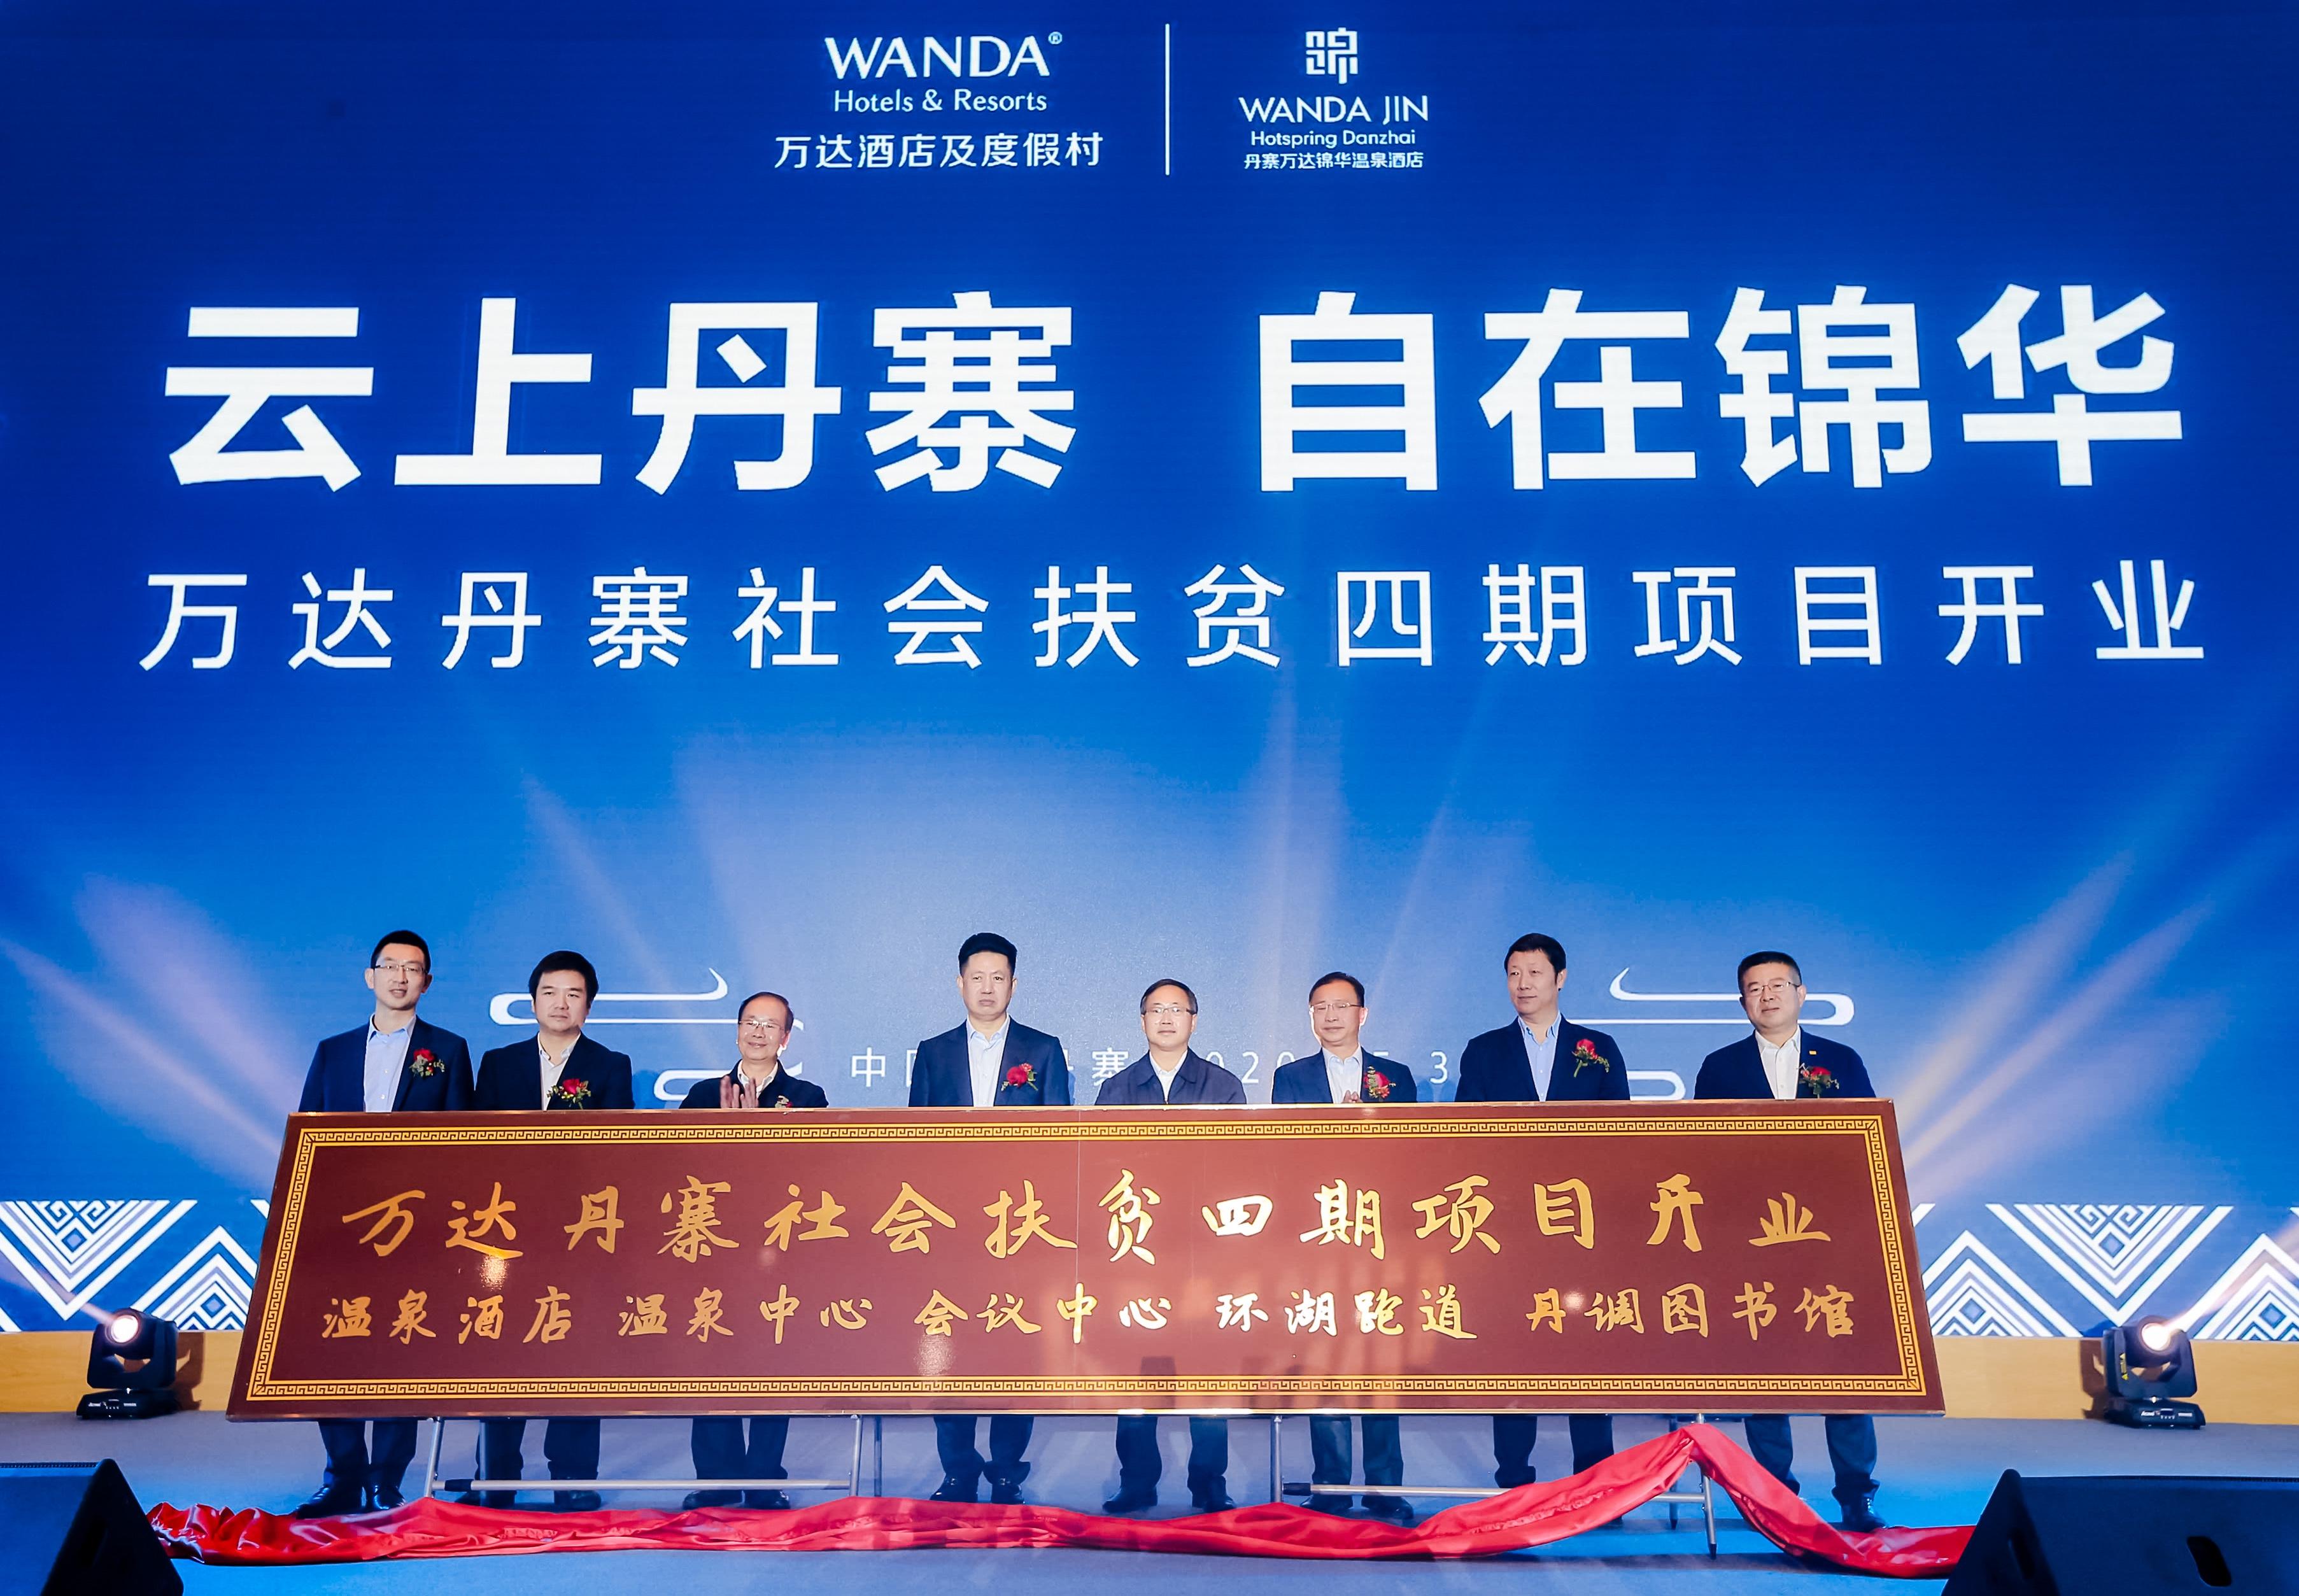 云上丹寨 自在锦华 丹寨万达锦华温泉酒店开业